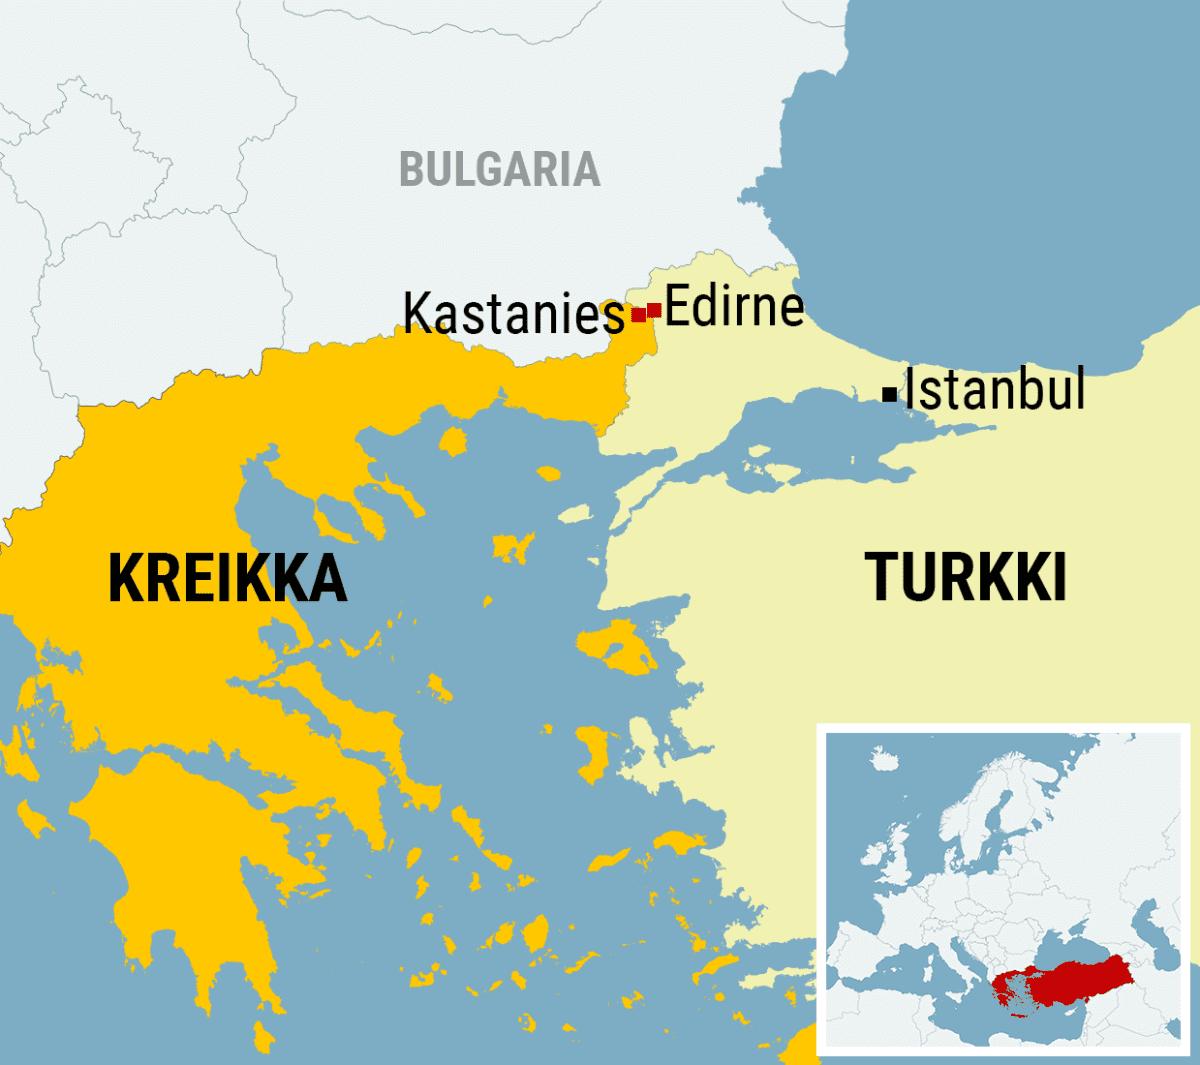 Kartta Turkin ja Kreikan rajalta